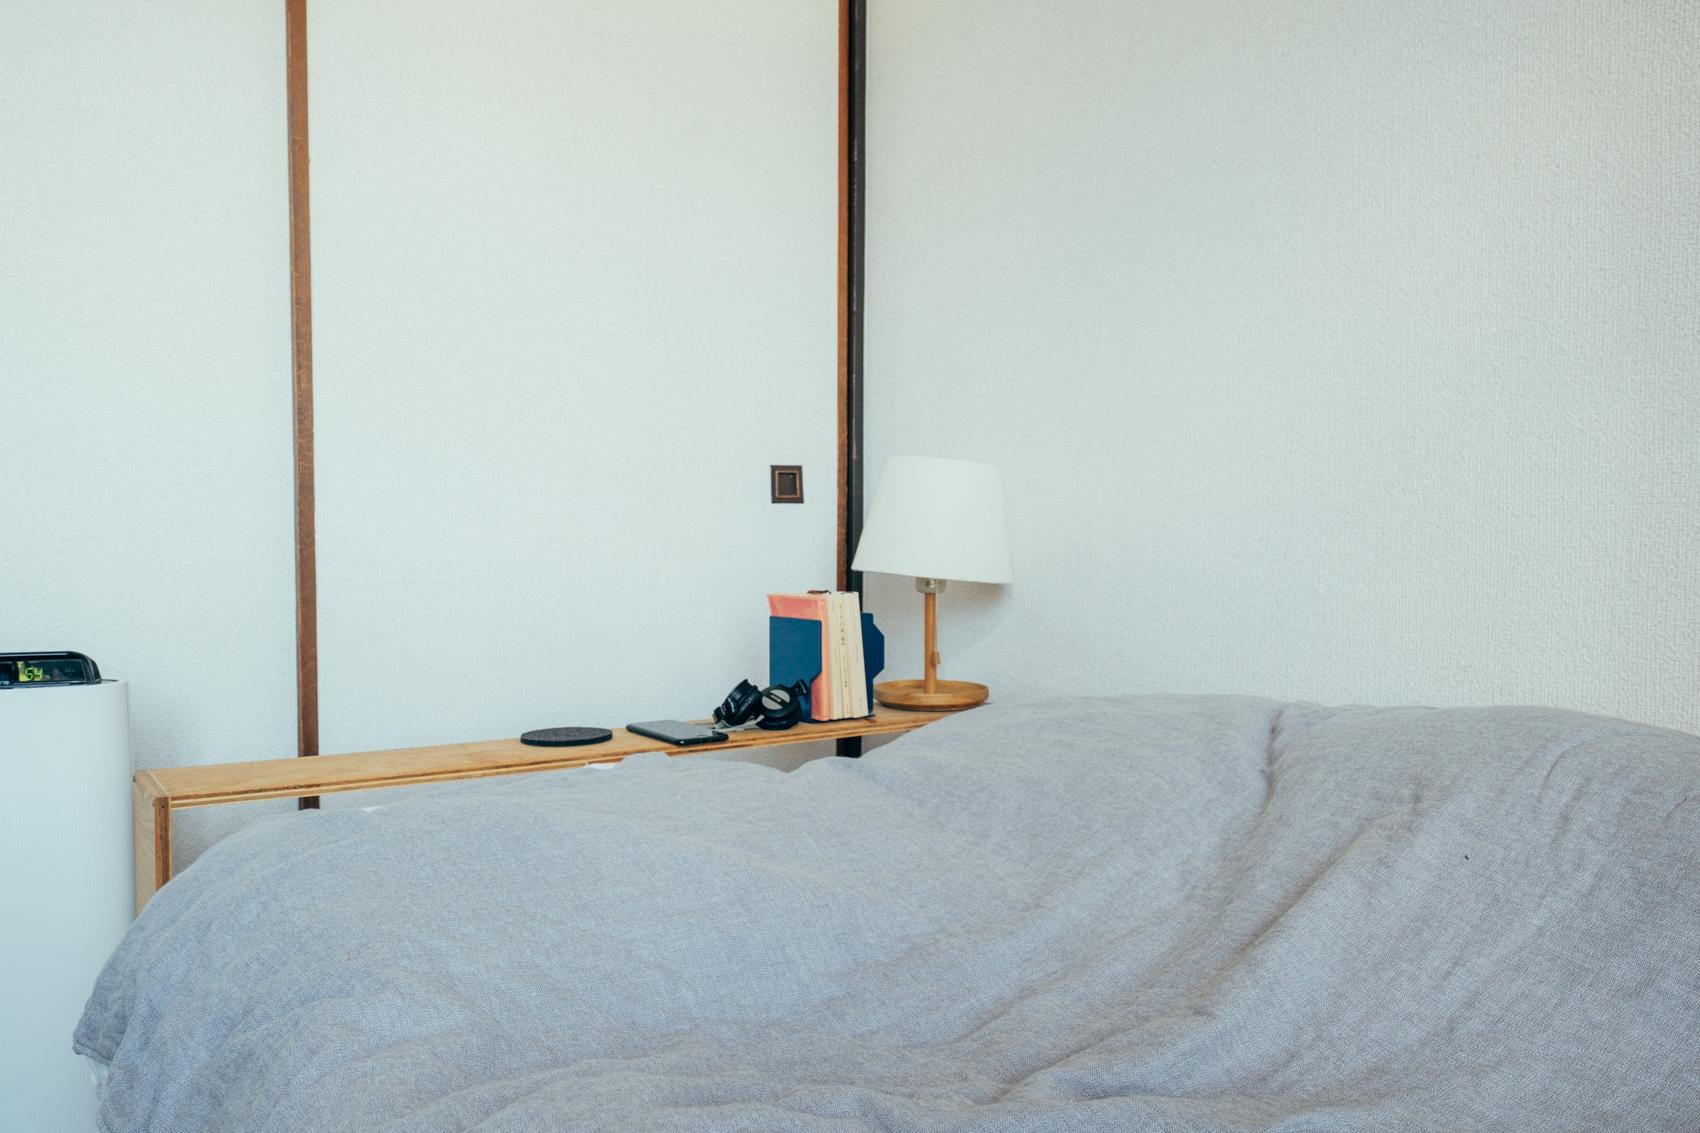 部屋の間の襖はあえて外さずに、いつでも開け閉め出来る状態のままに。リビングと寝室。オンとオフをしっかり区切ることができそうです。